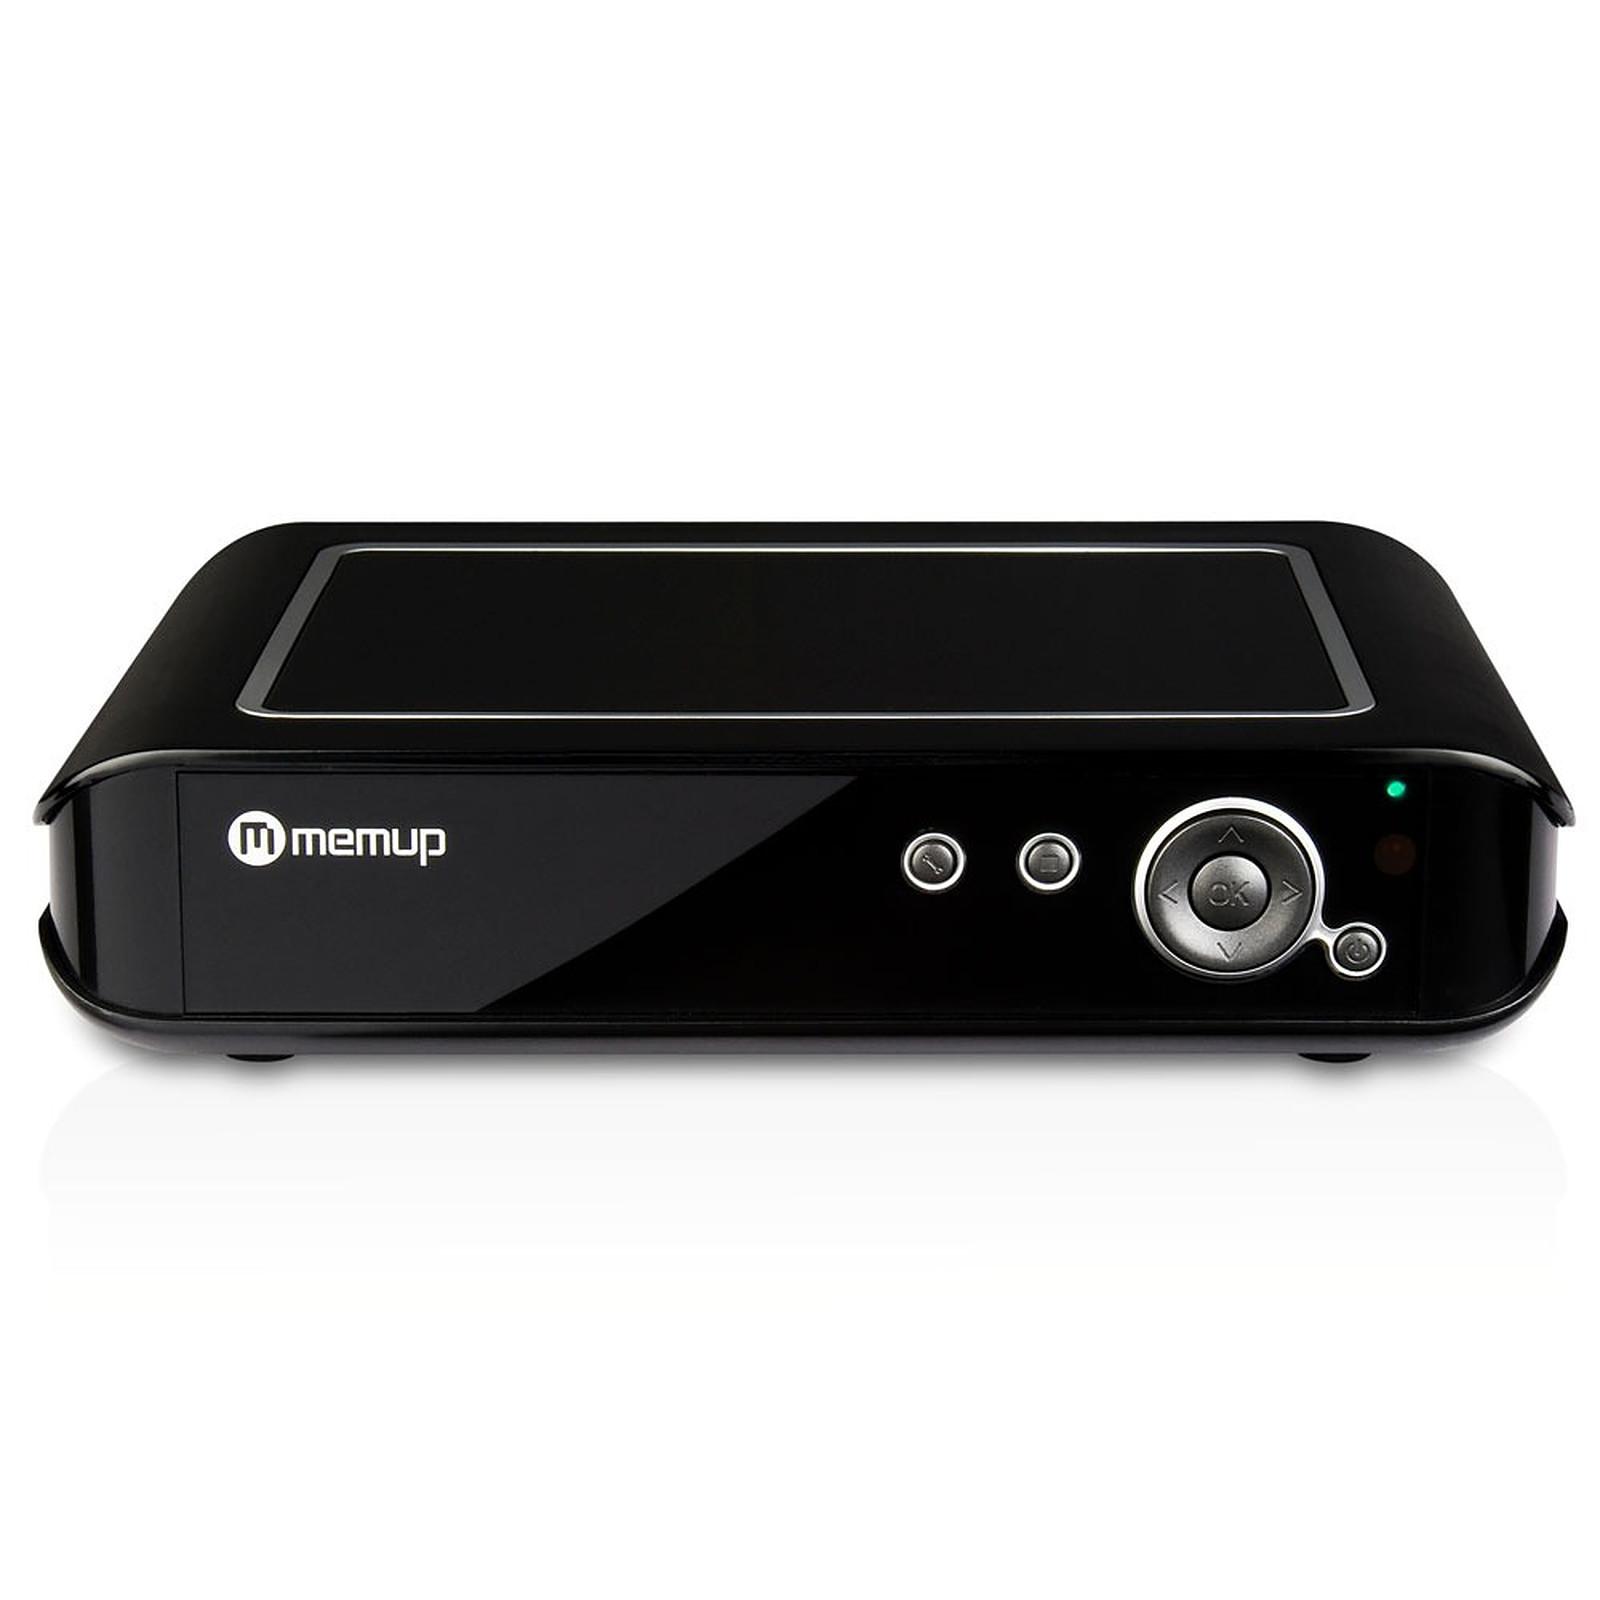 Memup MediaDisk LX II HDMI 1 To